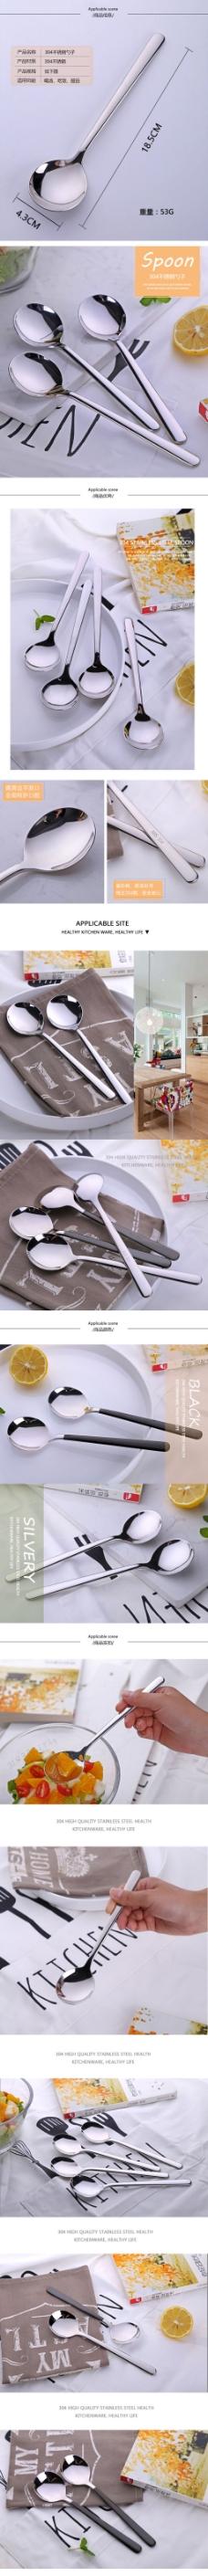 不锈钢304勺子详情页